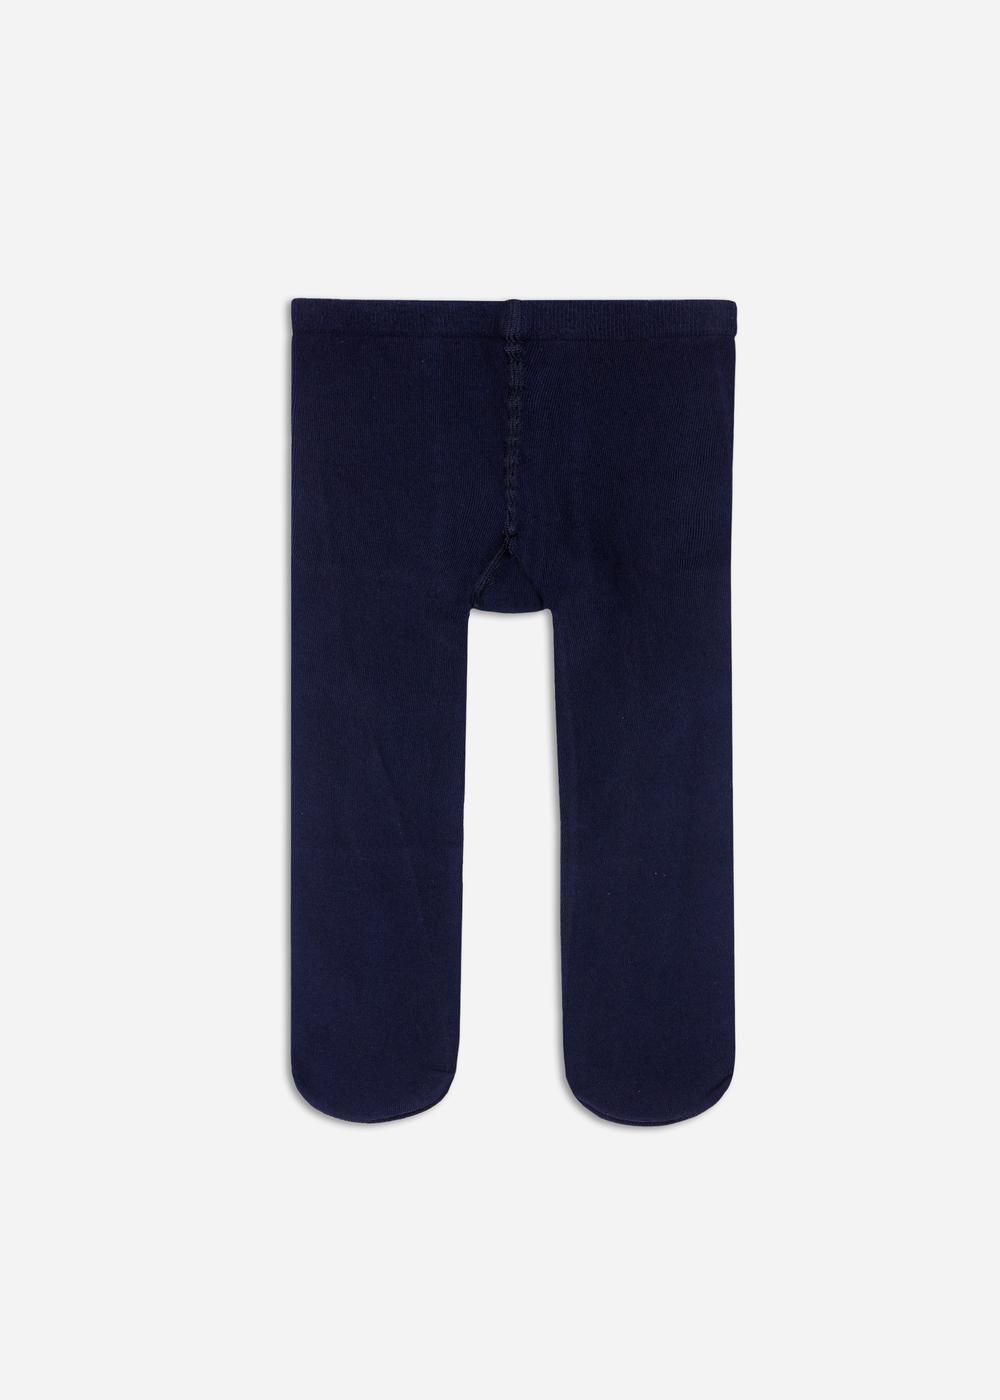 Collants com Cashmere Ultra opacos